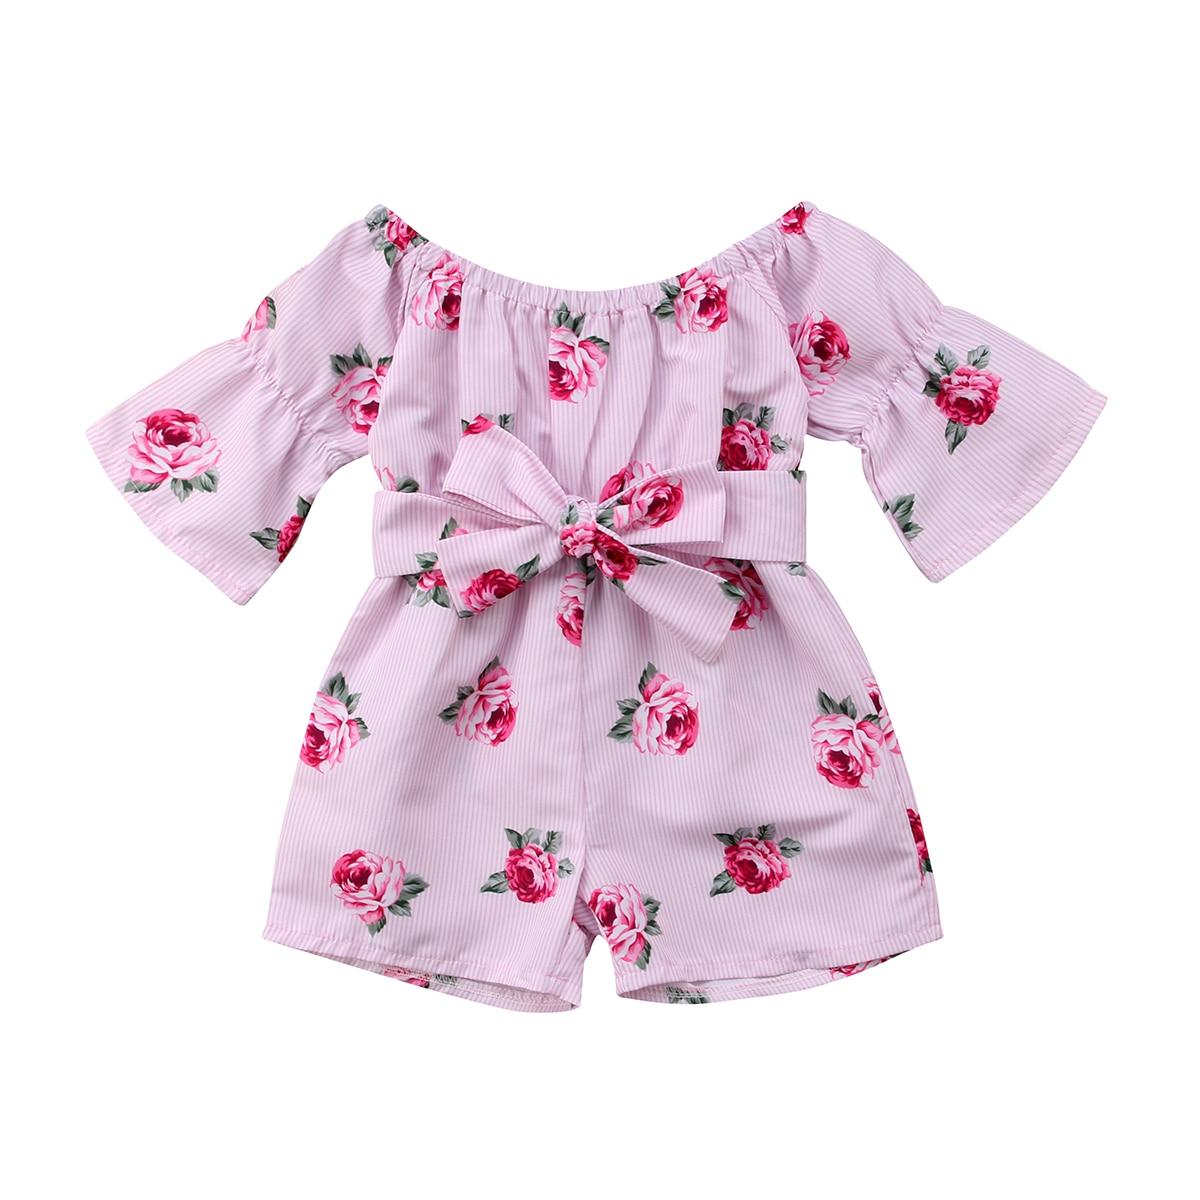 Toddler Girls Summer Clothing Princess Toddler Baby Girl   Romper   Floral Off Shoulder   Romper   Sunsuit Children Clothing